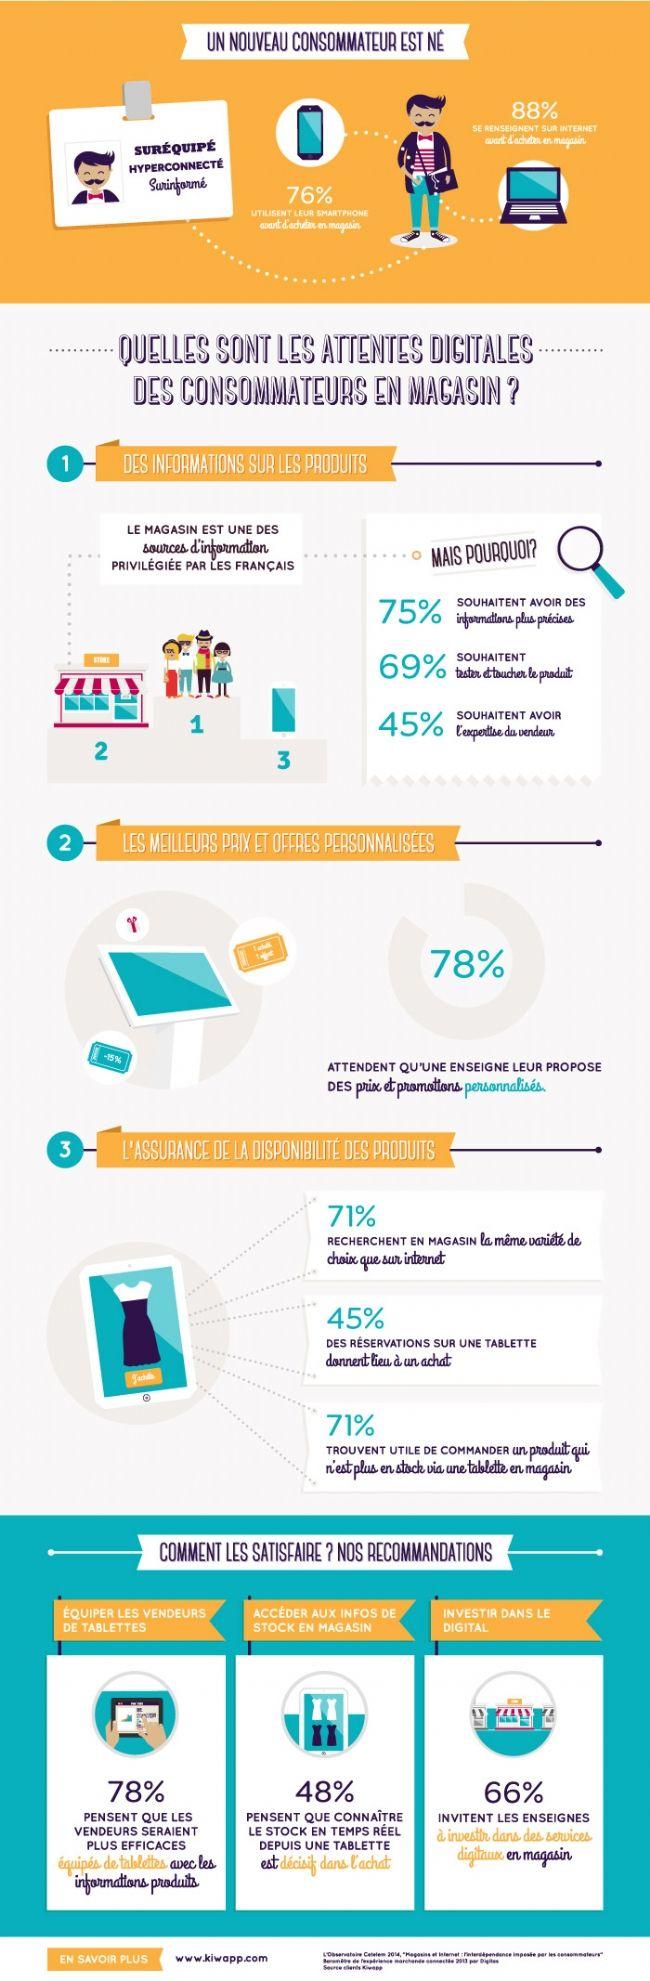 Digital en magasin : quelles sont les attentes du consommateur ?